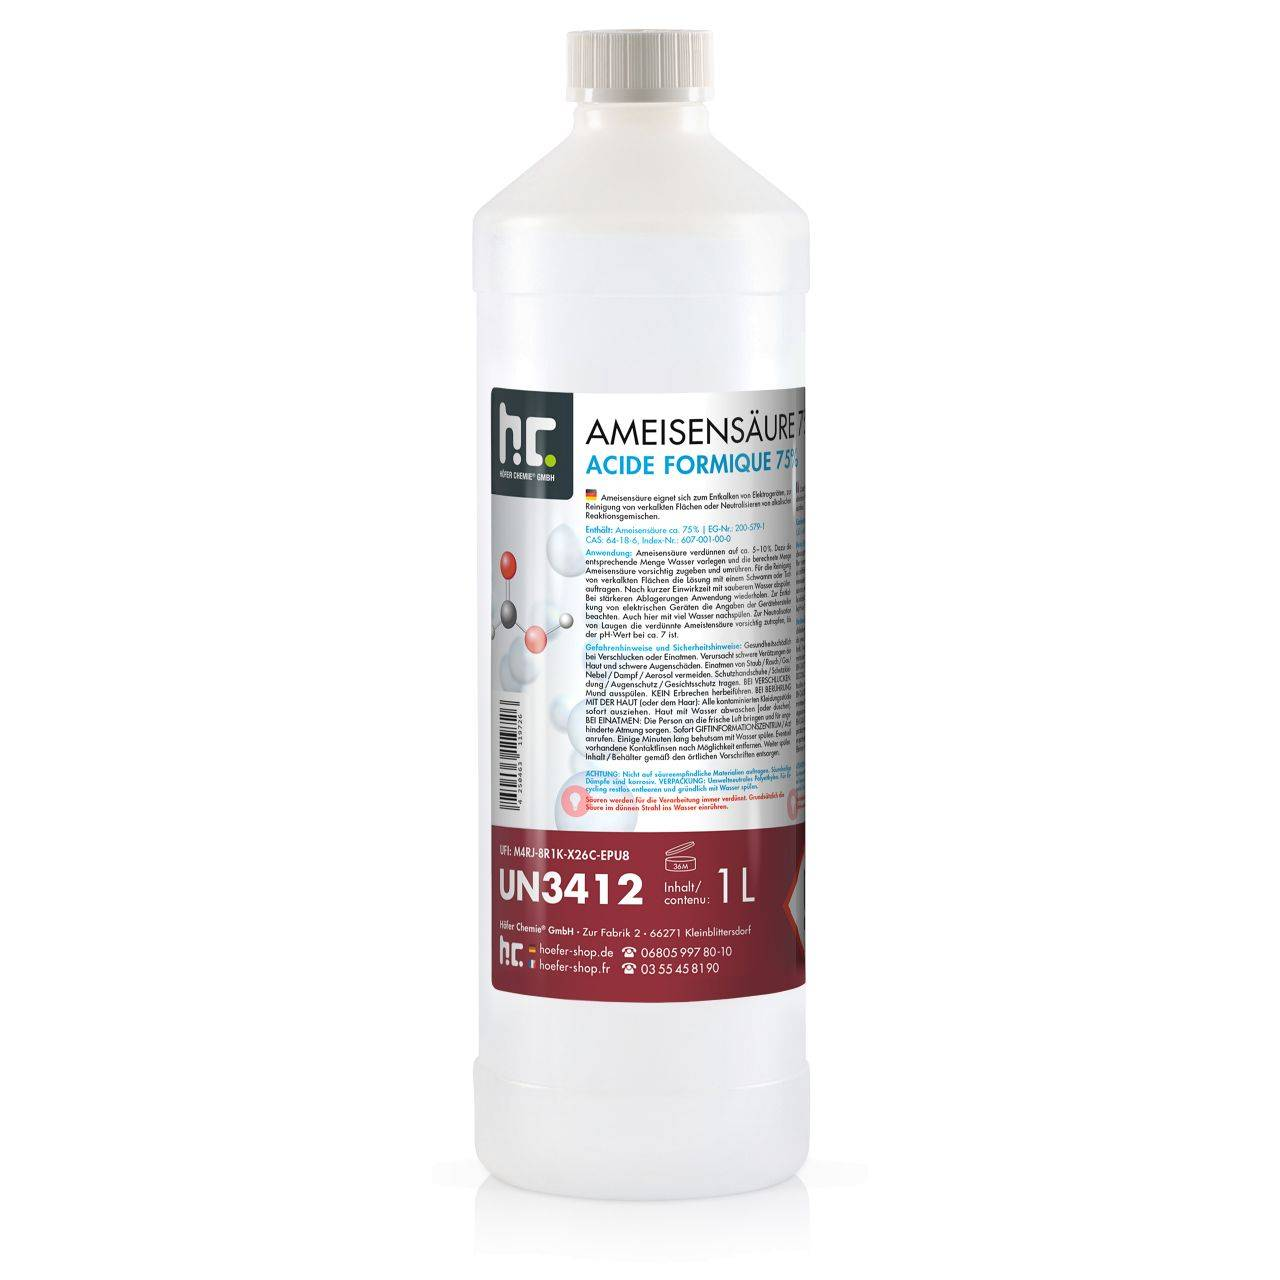 Höfer Chemie 6 l Acide formique 75% qualite technique (6 x 1 l)